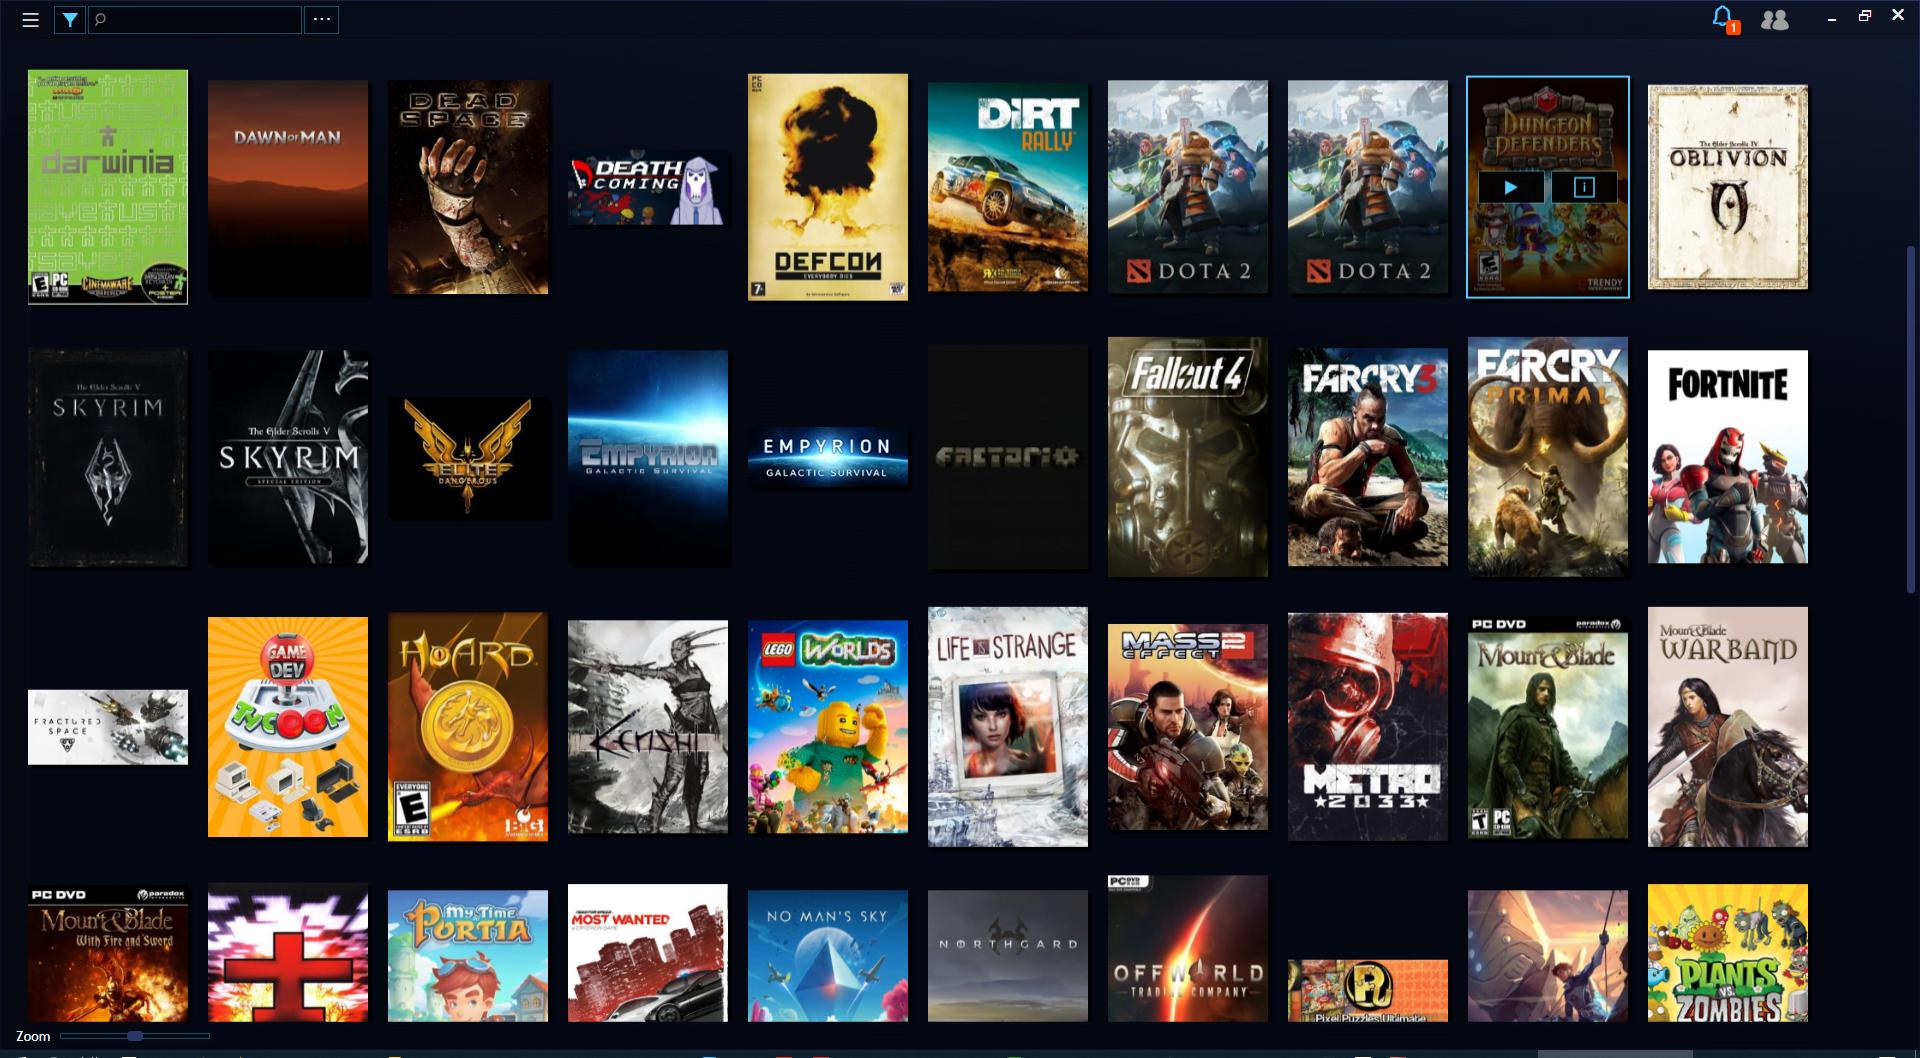 Retrouvez tous vos jeux PC dans une bibliothèque unifiée avec